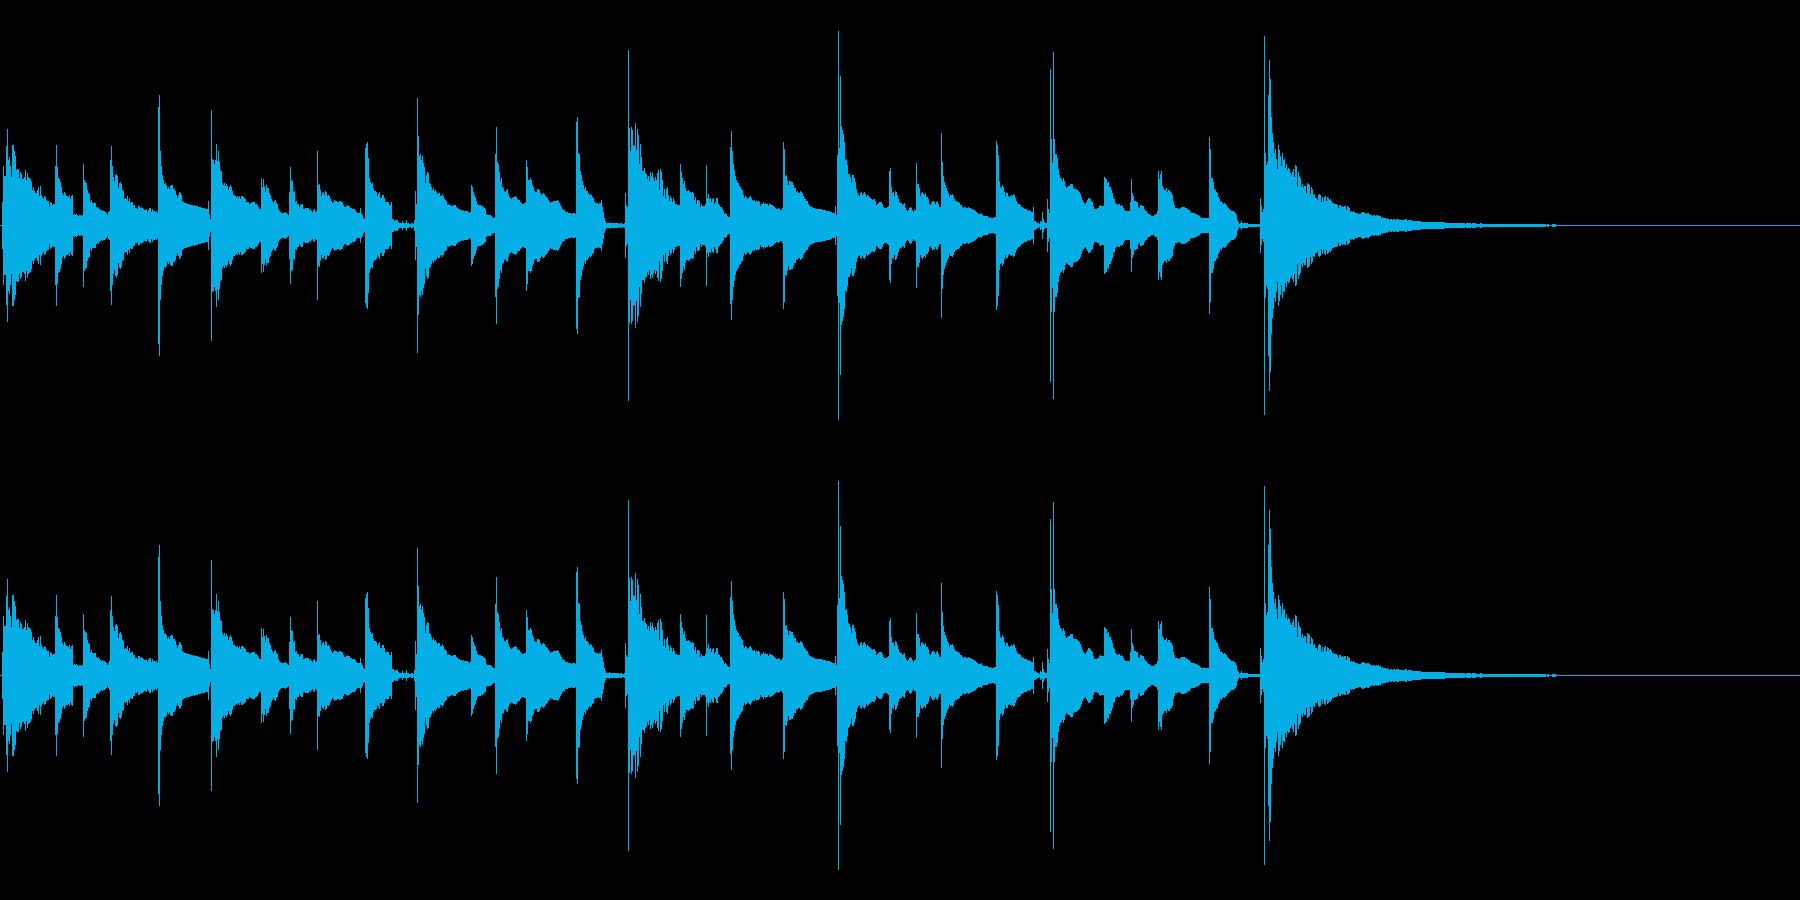 場面展開に最適、短い生ウクレレアルペジオの再生済みの波形